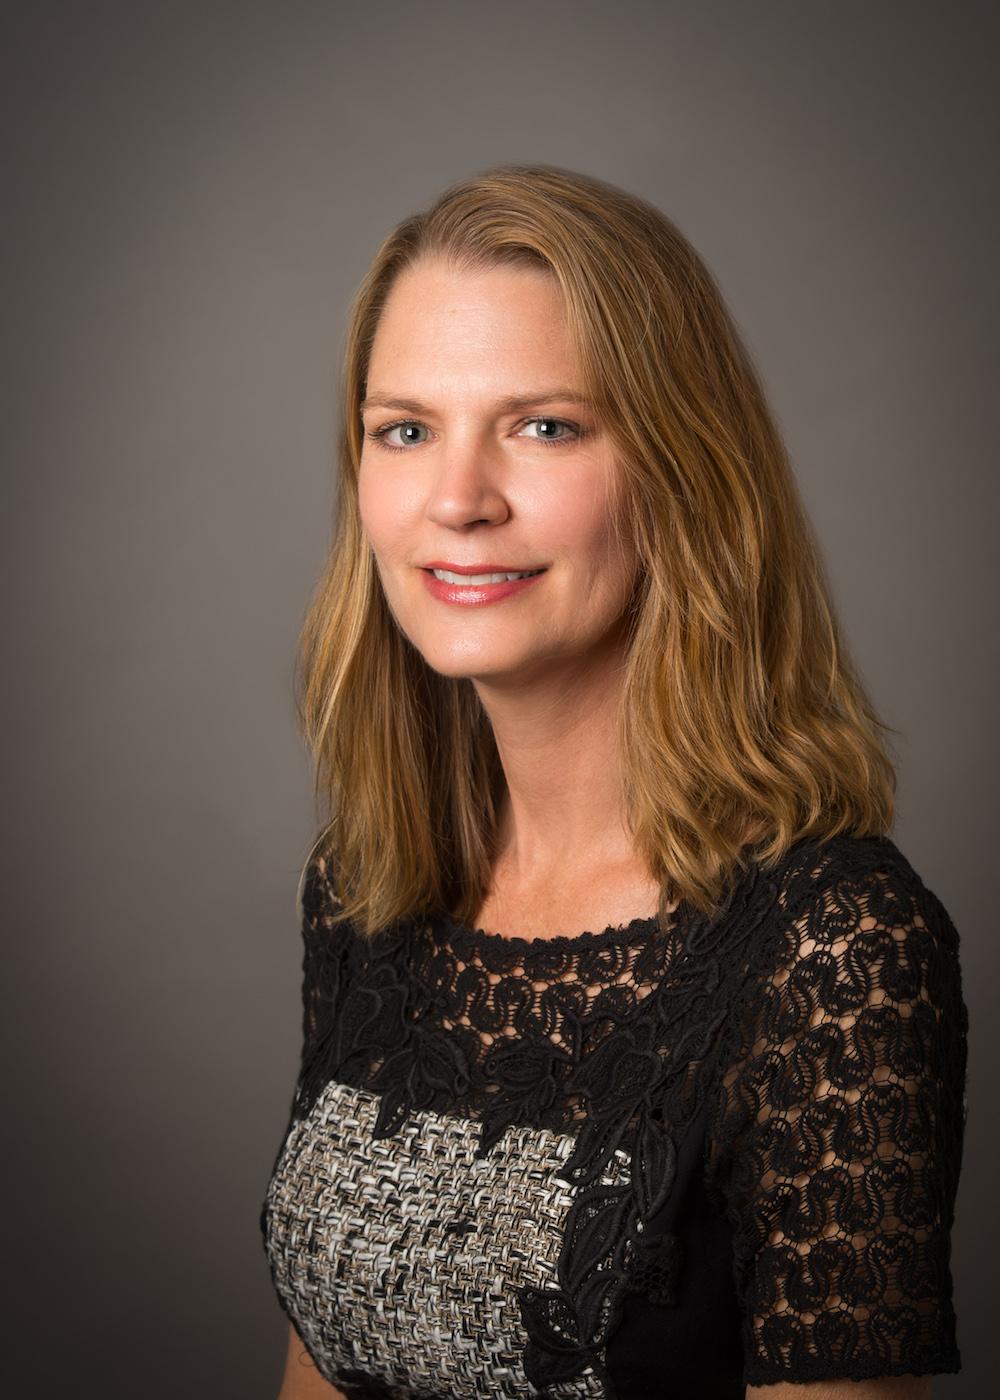 Linda Tayntor